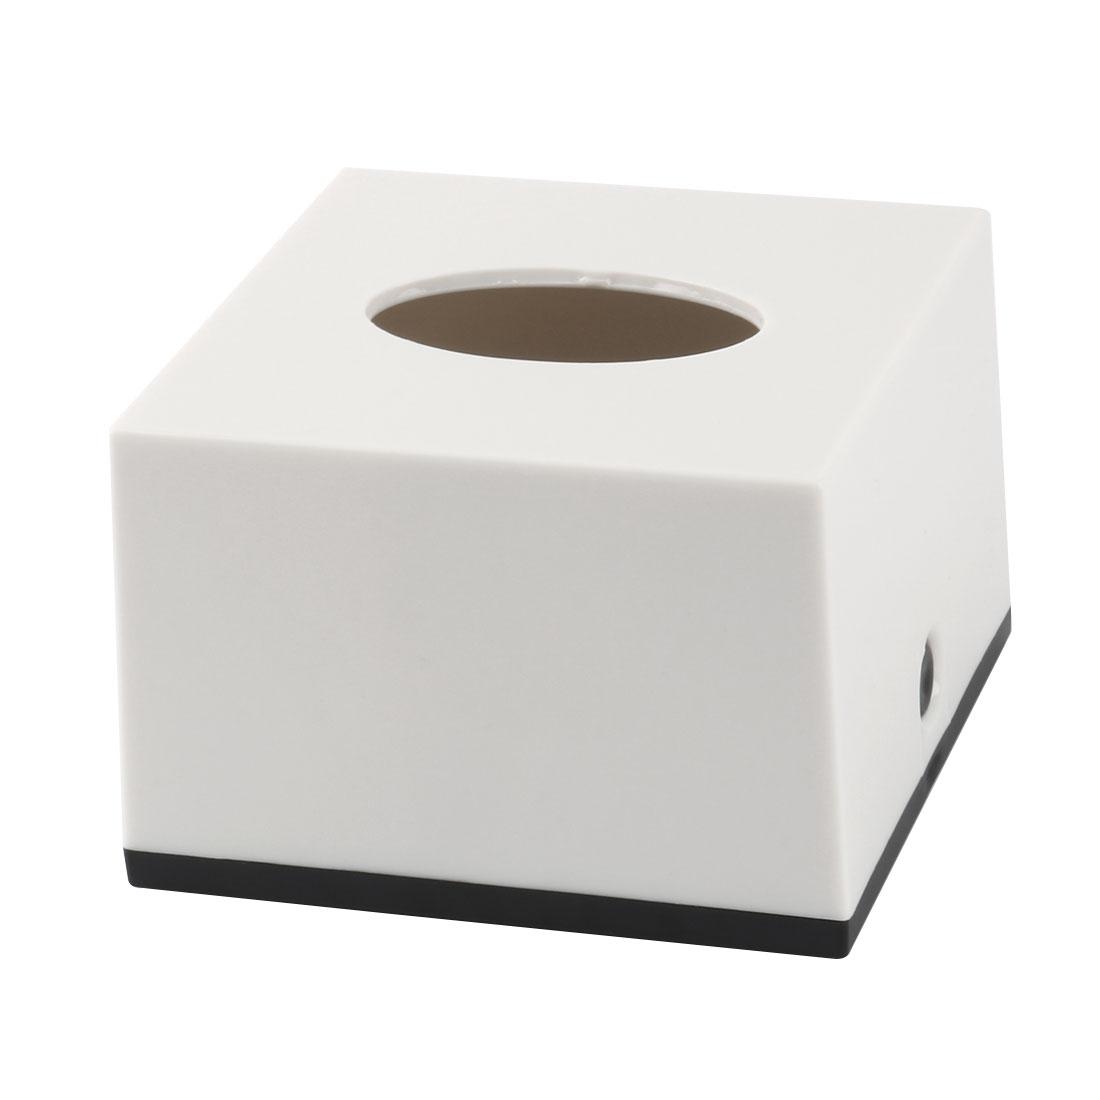 Home Hotel Plastic Square Tissue Napkin Paper Storage Box Holder Case White